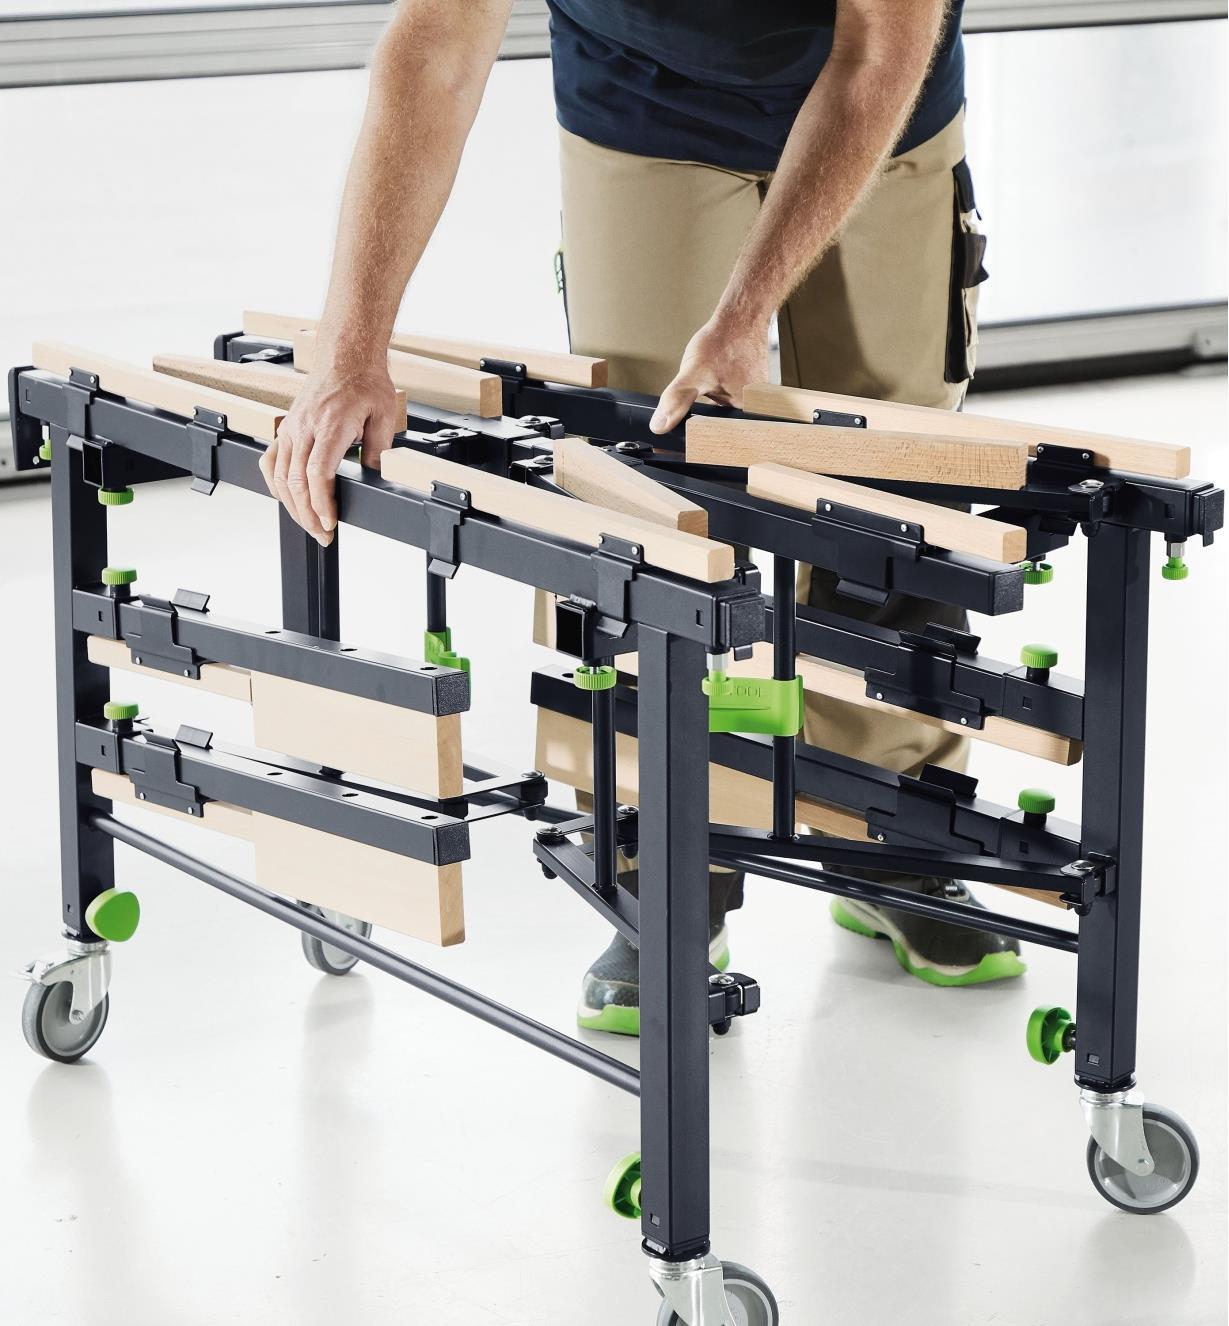 Homme repliant la table mobile de sciage pour un rangement compact